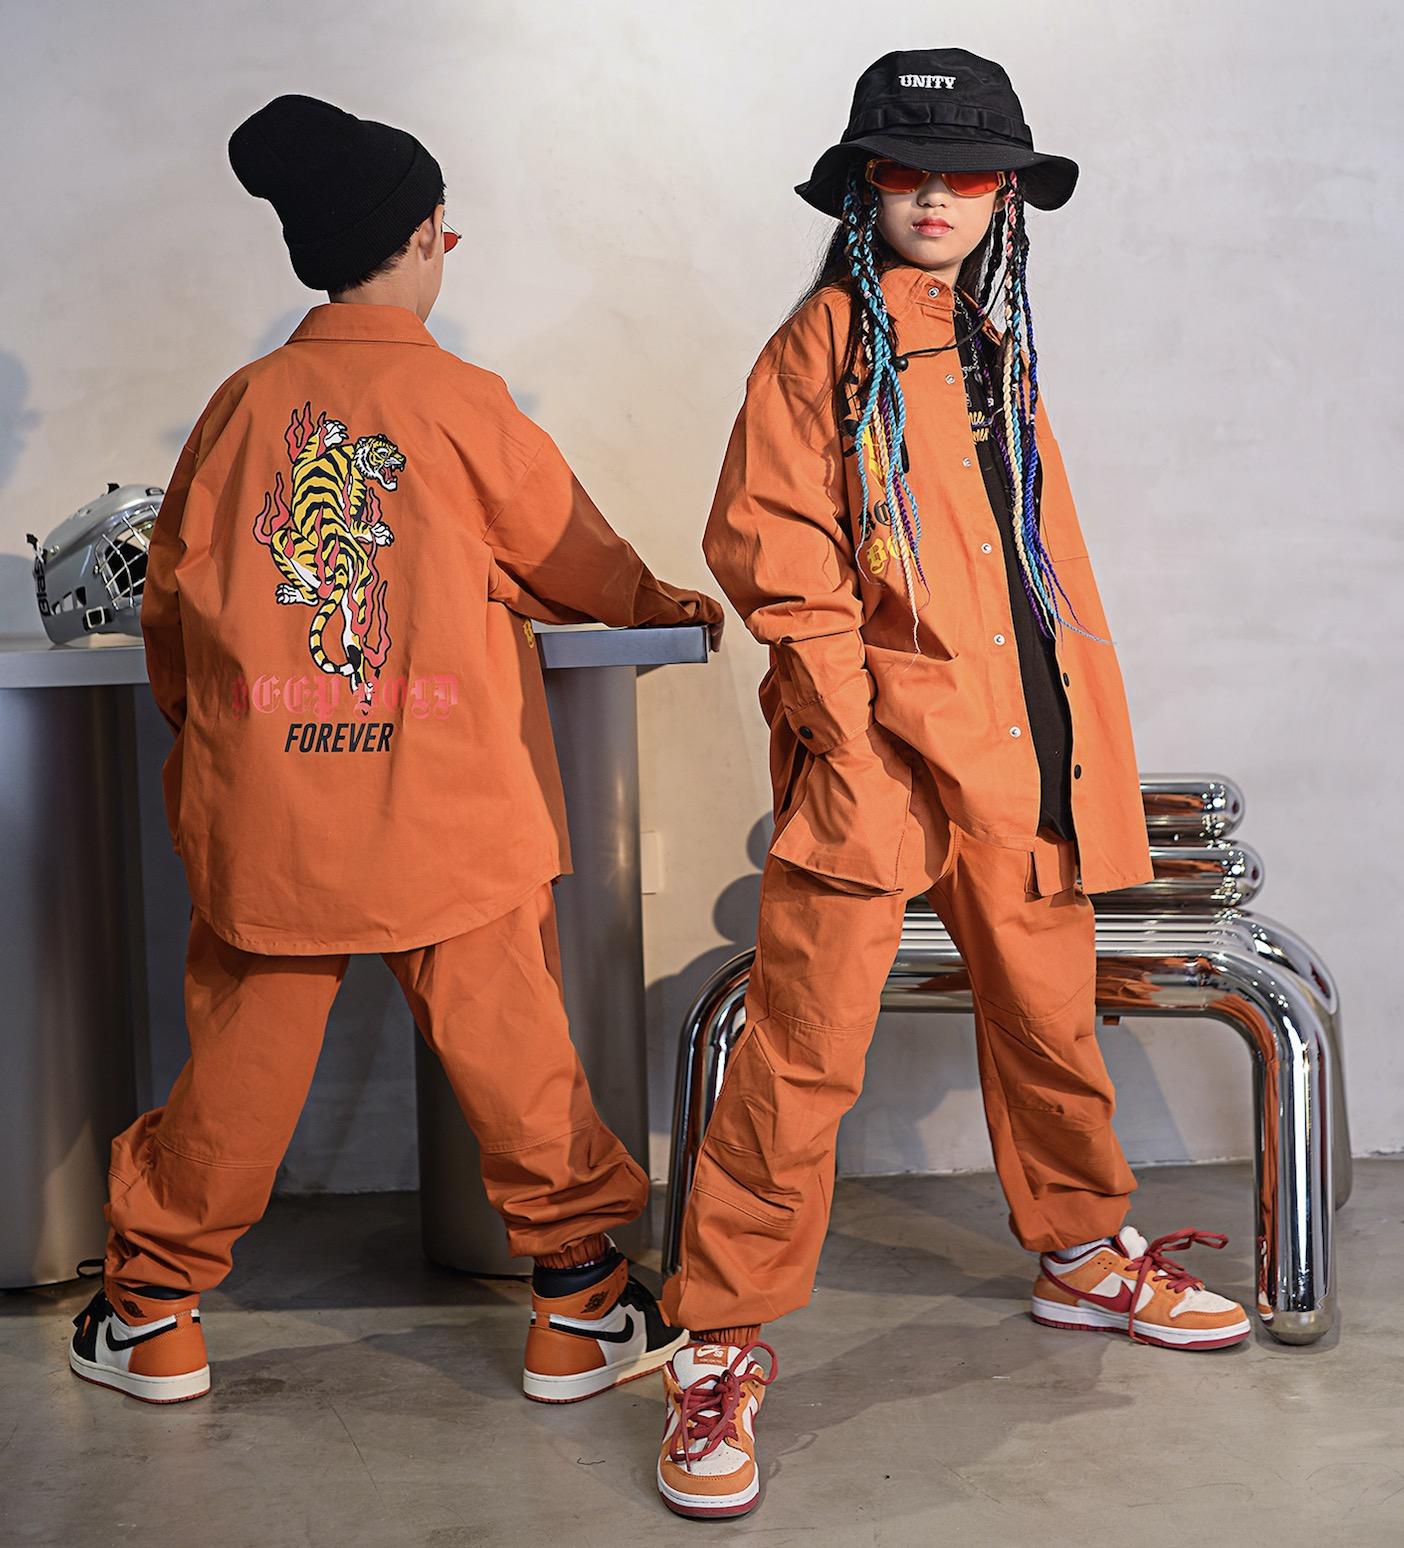 120 再販ご予約限定送料無料 130 日本 140 150 160 170 180 キッズ ダンス衣装 セットアップ ヒップホップ ストリート hiphop キッズダンス衣装 送料無料 ティーンズ ガールズ 子供 Royal Dance ジュニア 女の子 ロイヤルダンス